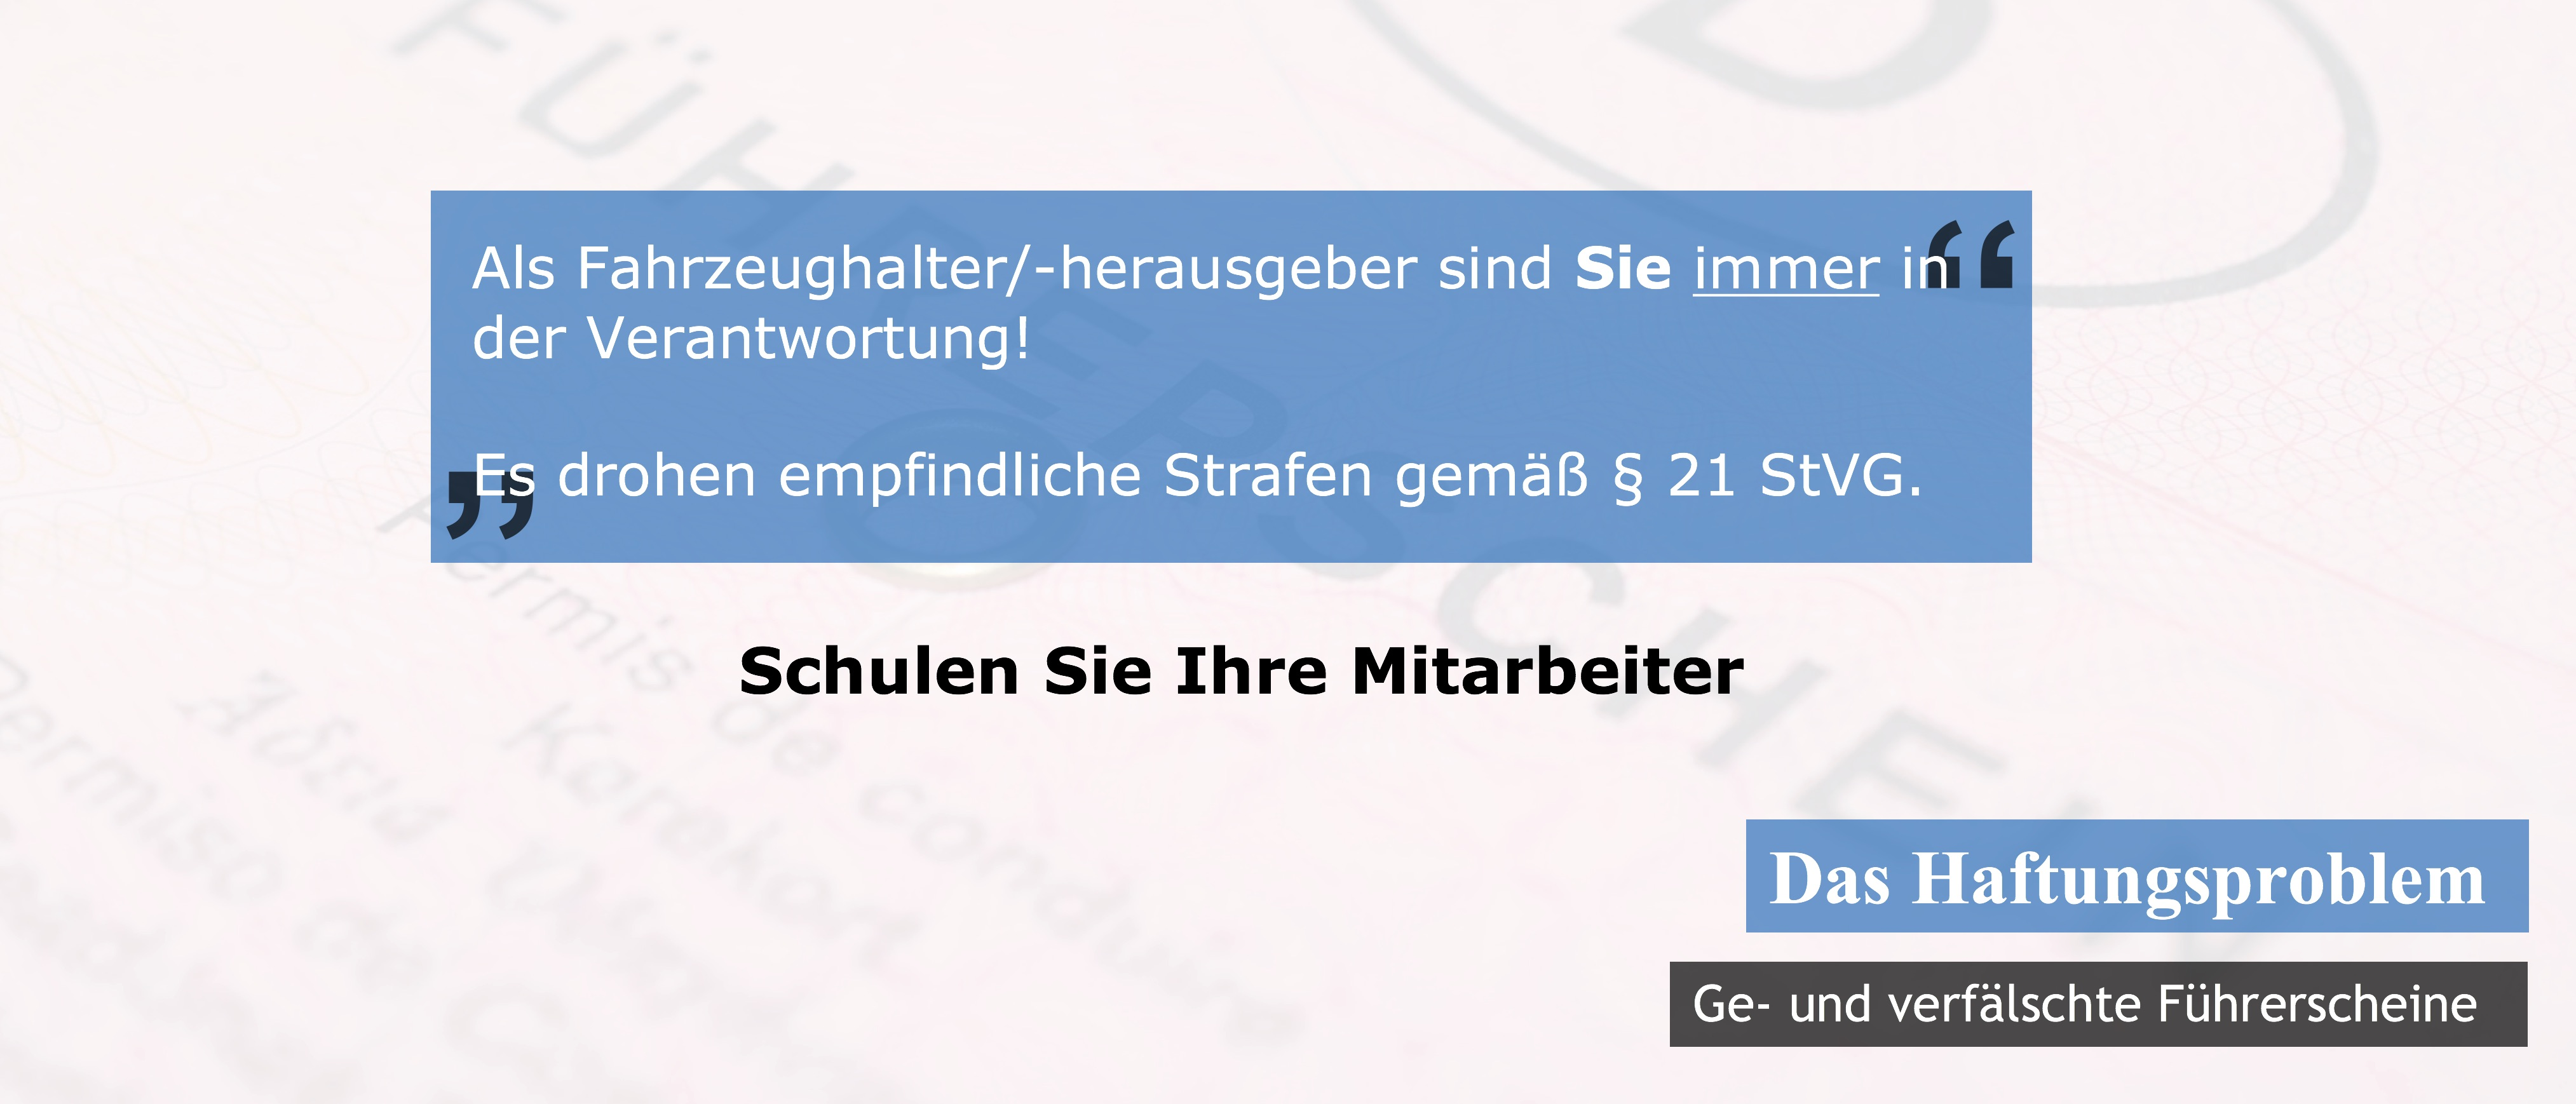 Haftung Bildungsakademie Rheinland Führerschein Fahrerlaubnis ohne 21 StVG Fälschung Falsifikat gefälscht verfälscht Dokumente Dokumentenprüfung Früherkennung Seminar